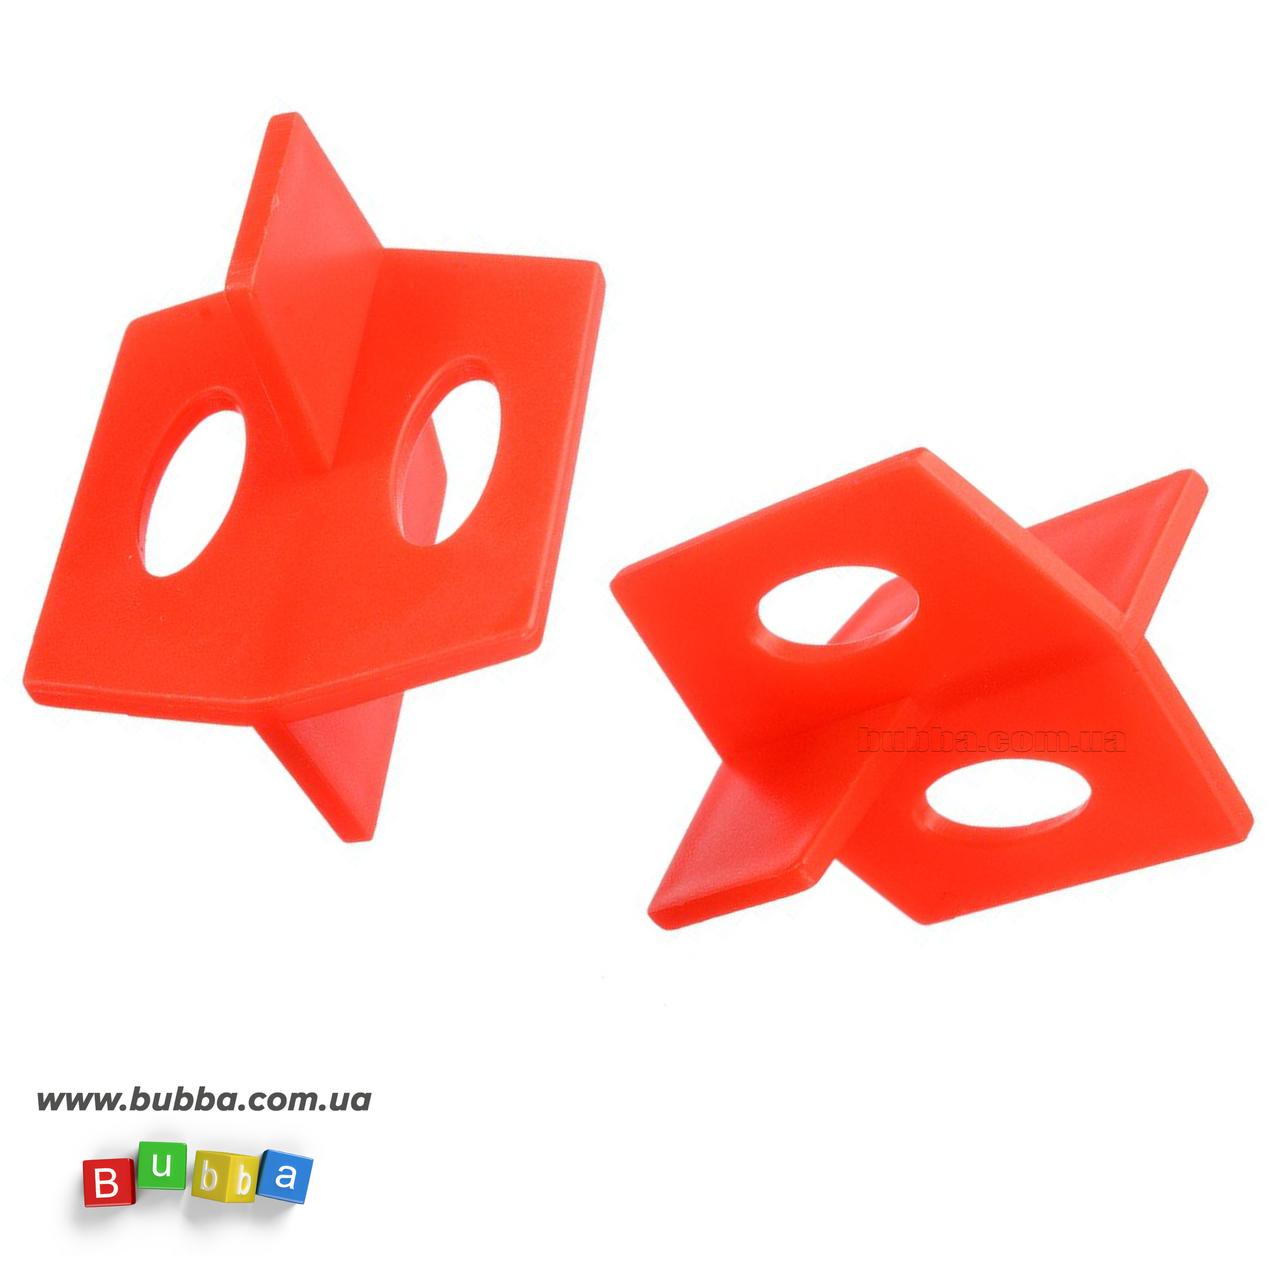 3Д крестики многоразовые (25шт), шов 2мм